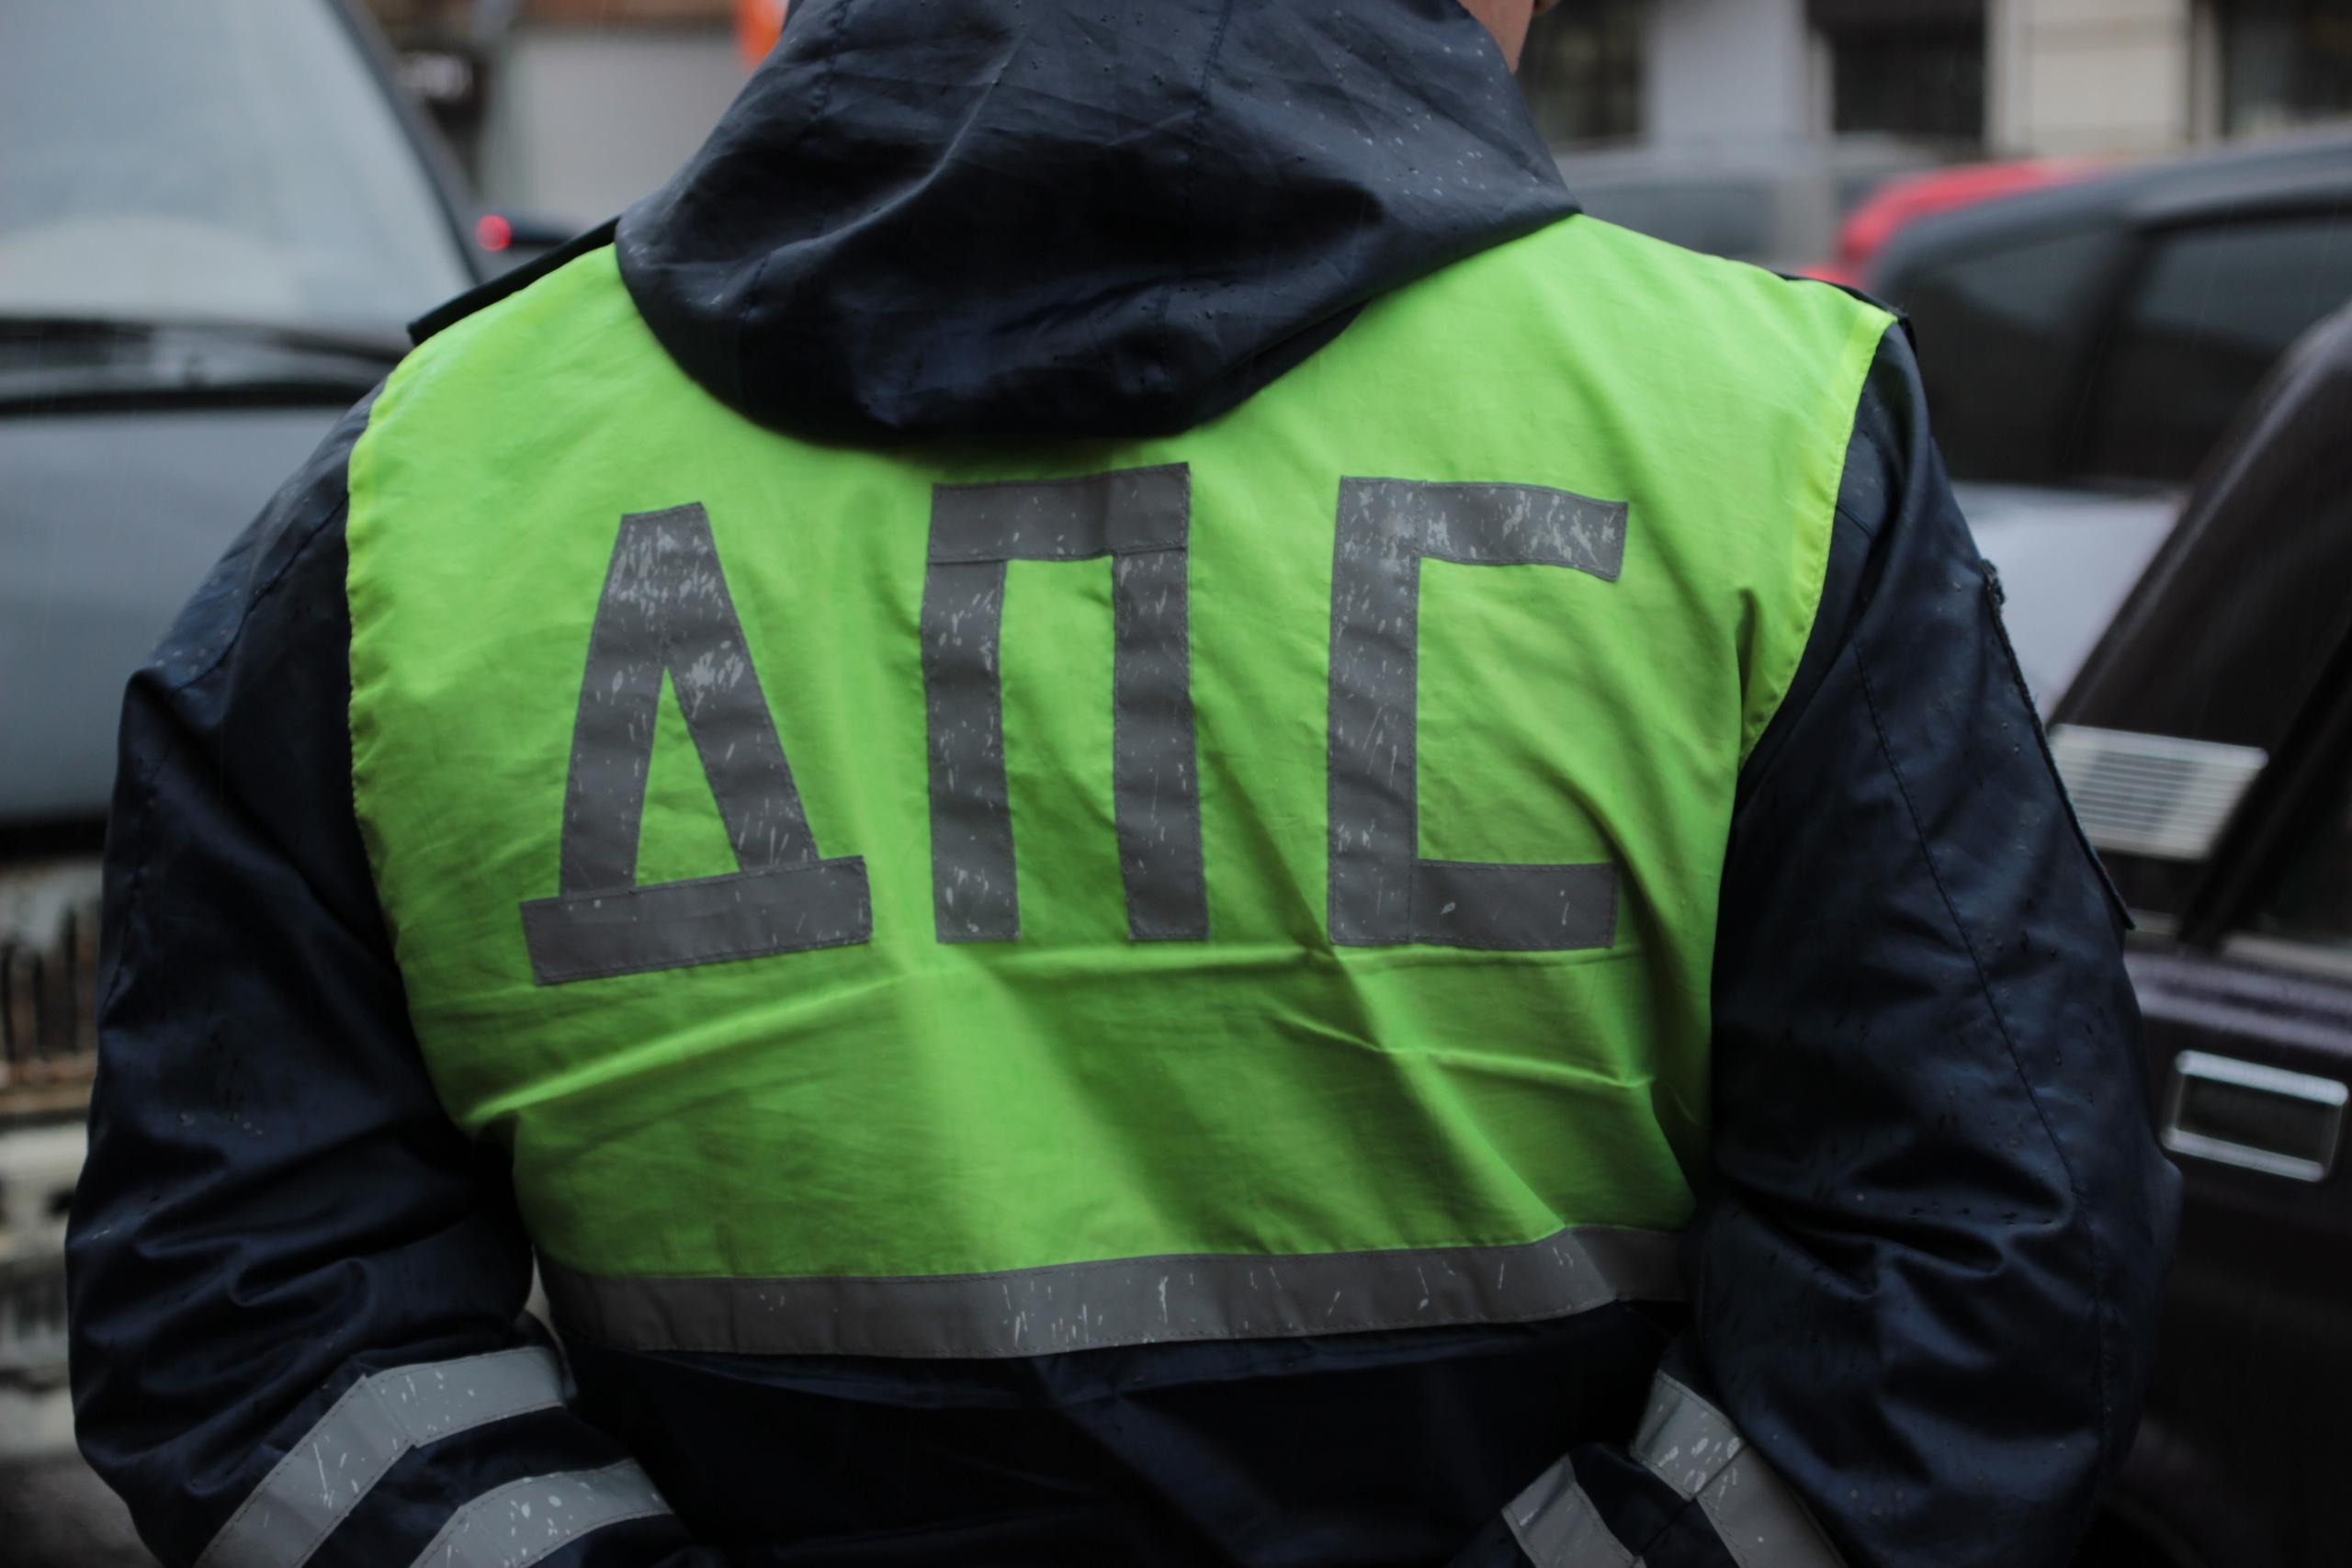 В Тверской области ребенок получил травмы, попав под колеса машины при выходе из автобуса - новости Афанасий